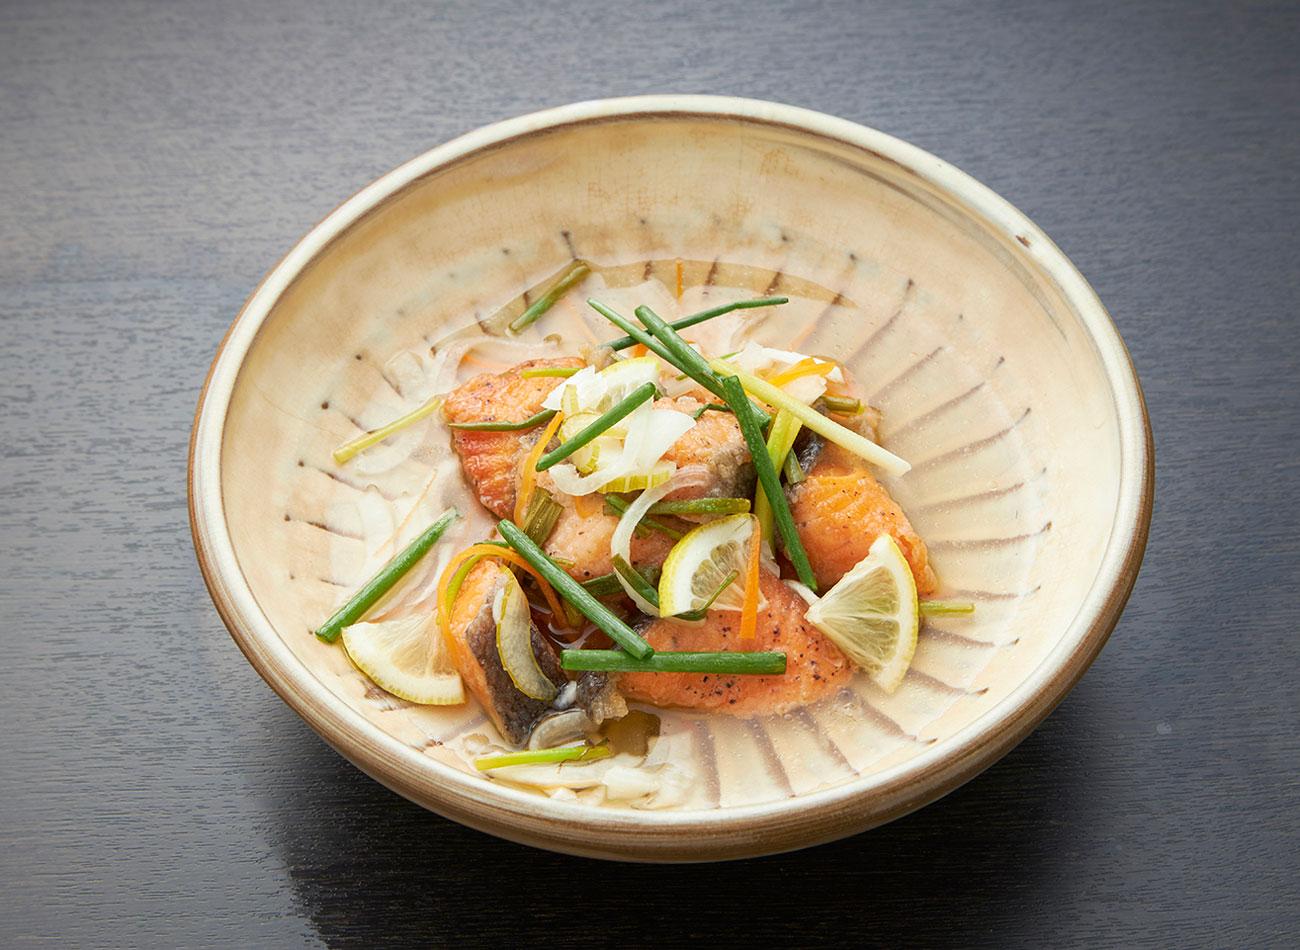 秋鮭と香味野菜のエスカベージュ